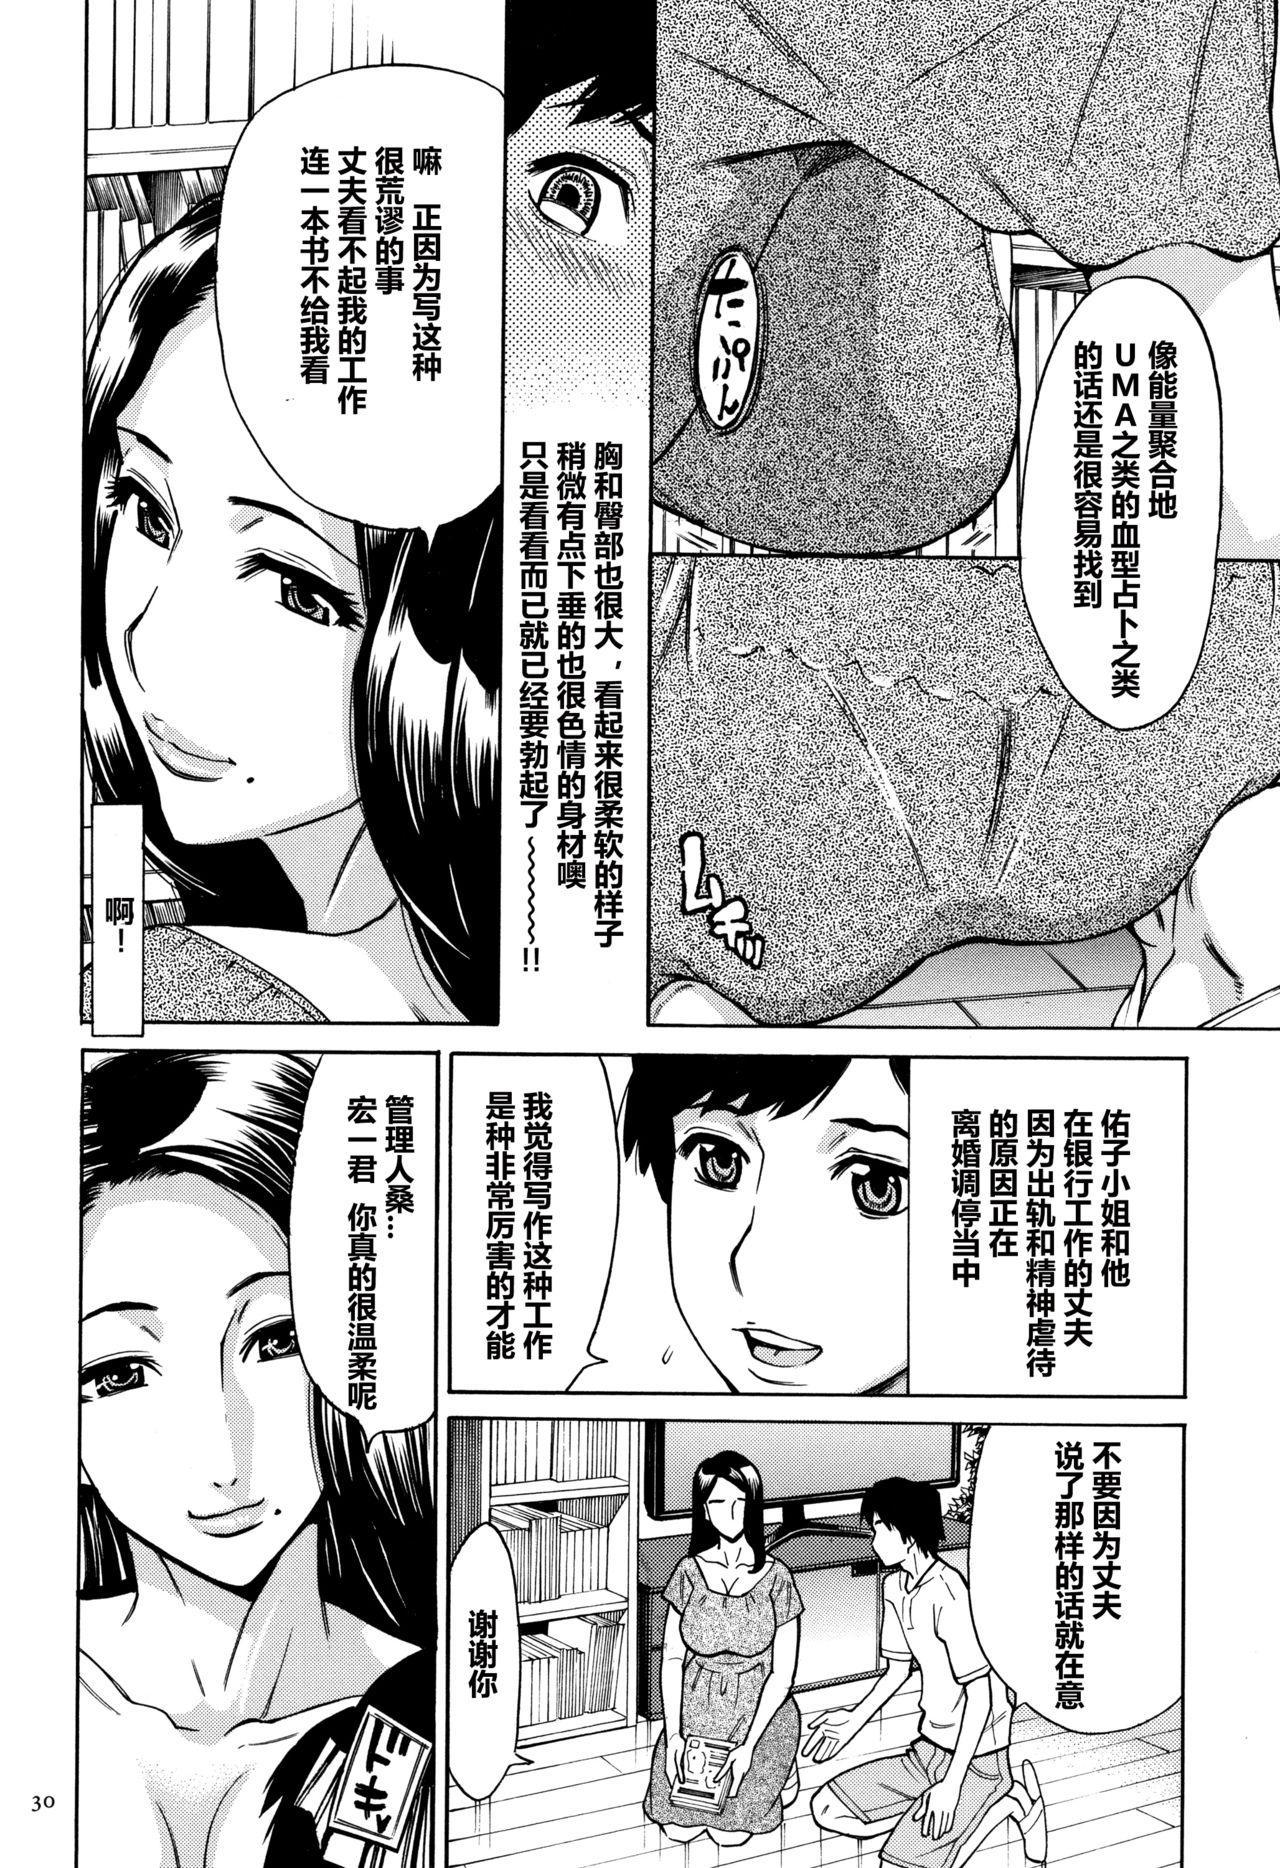 Oba-san dakedo, Daite Hoshii. 30